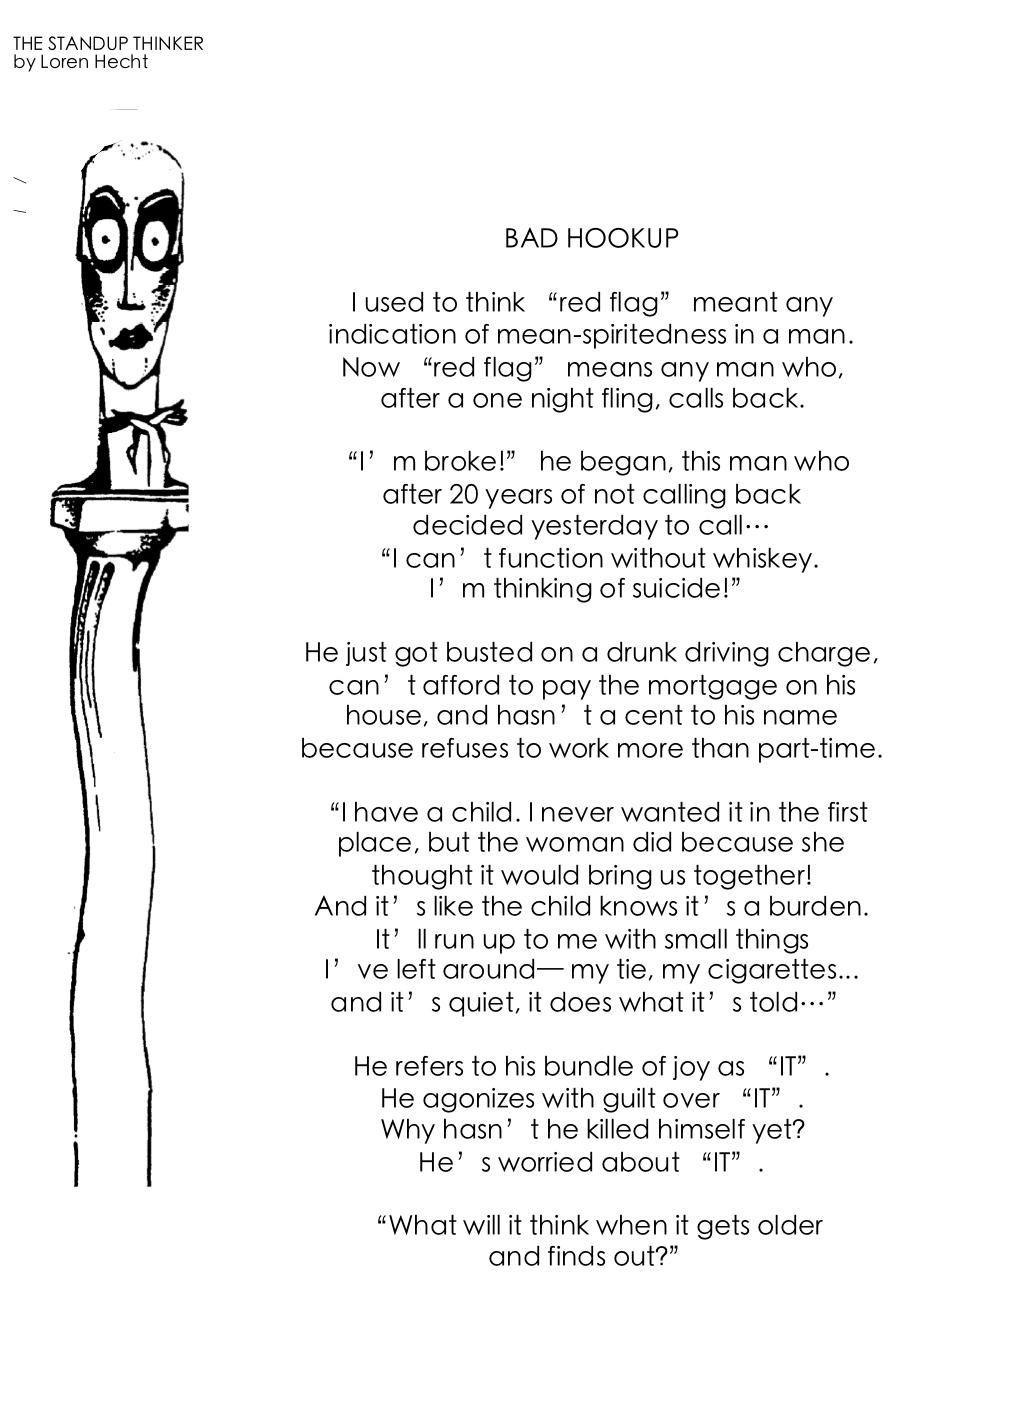 BAD HOOKUP updated 7 11 19